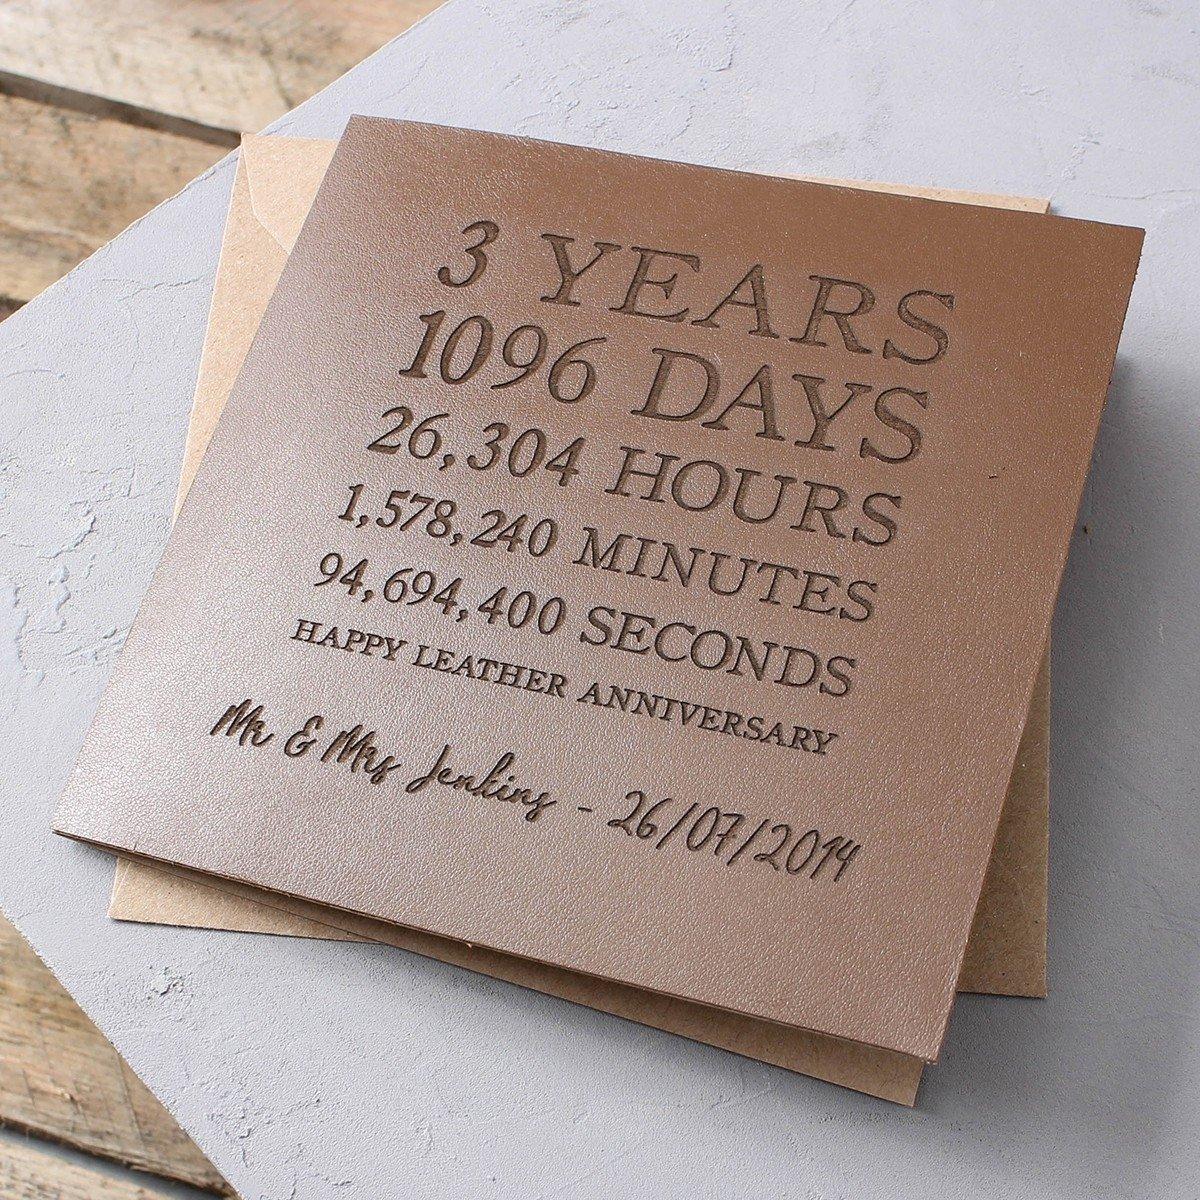 10 Ideal 3 Year Wedding Anniversary Gift Ideas best of 60 year wedding anniversary gift ideas wedding gifts 2020